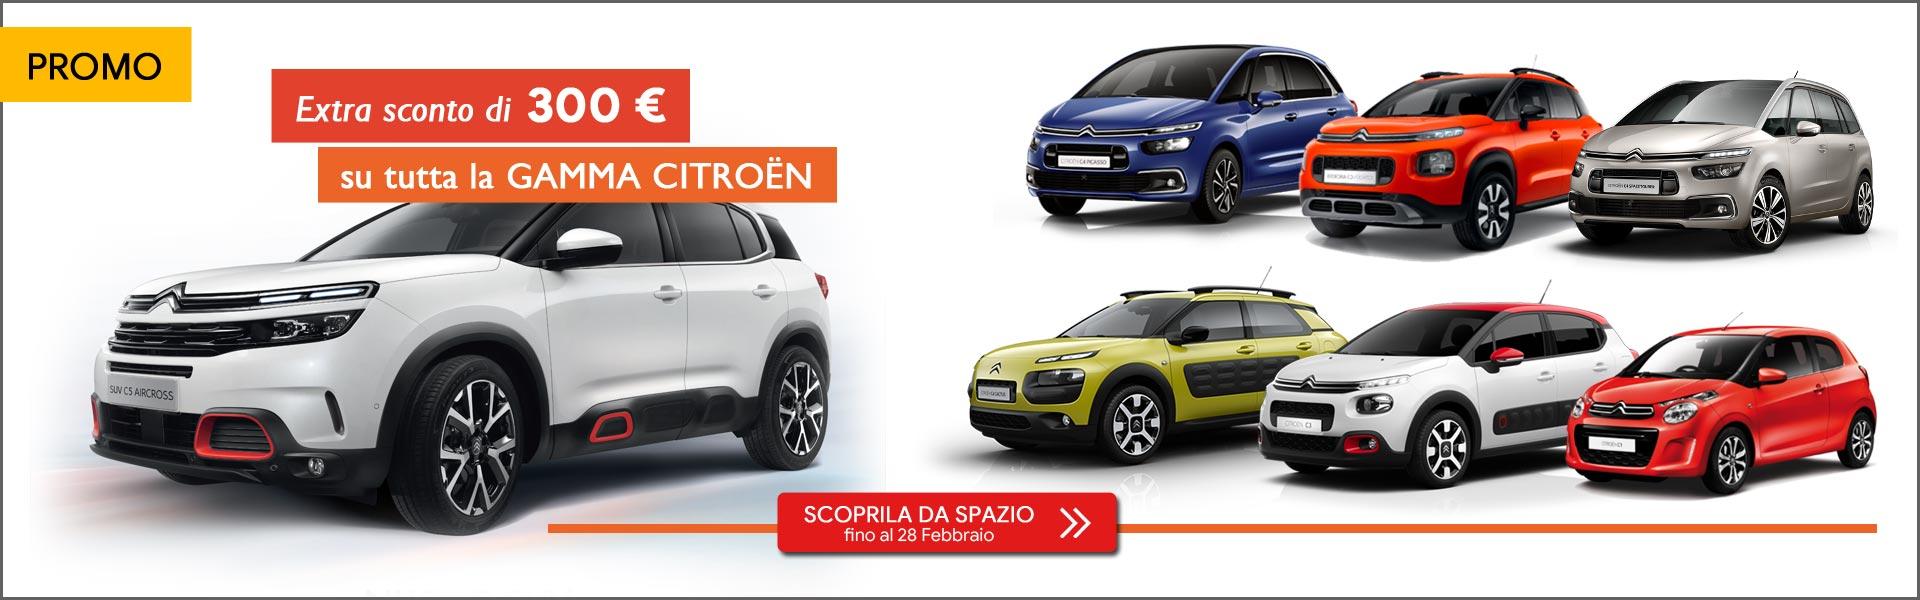 Citroën Gamma in promozione